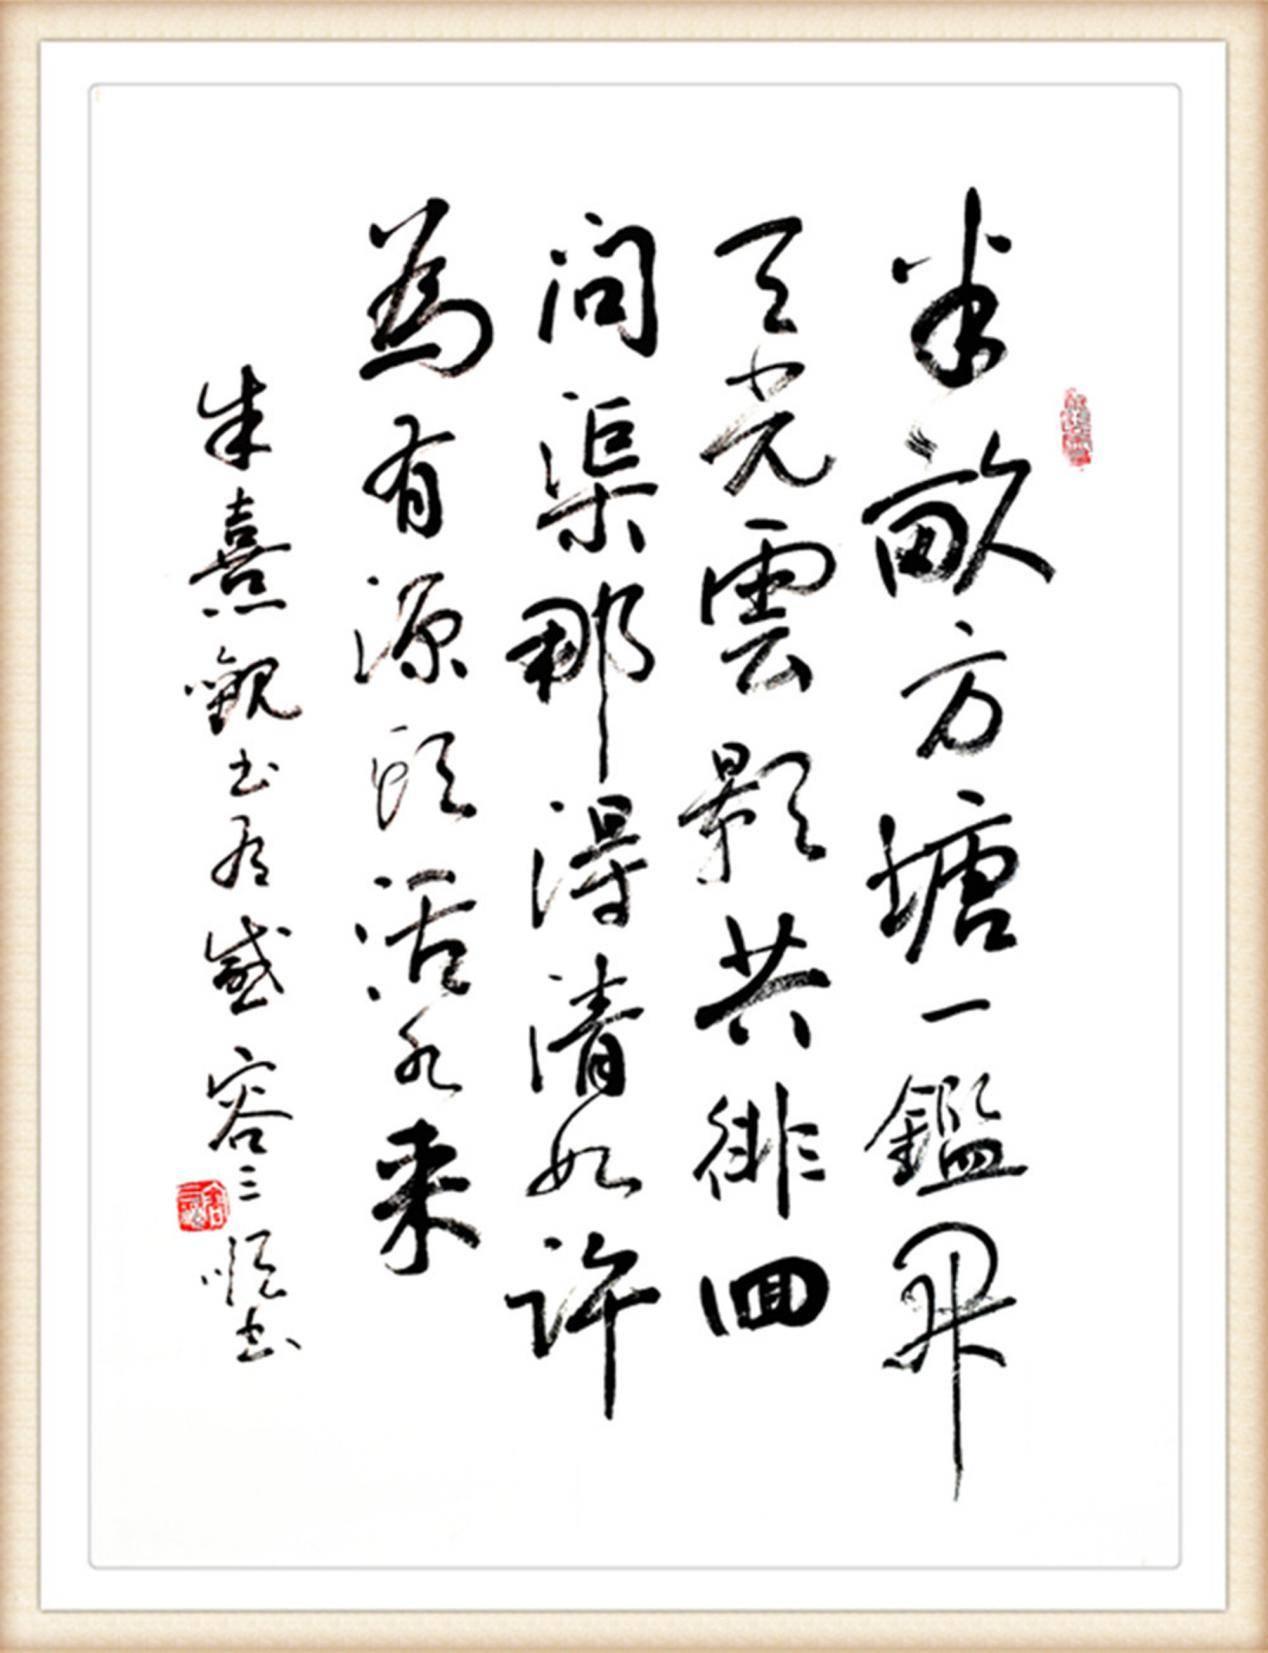 环球财经 放眼全球——中国艺术形象代言人容三顺专题报道